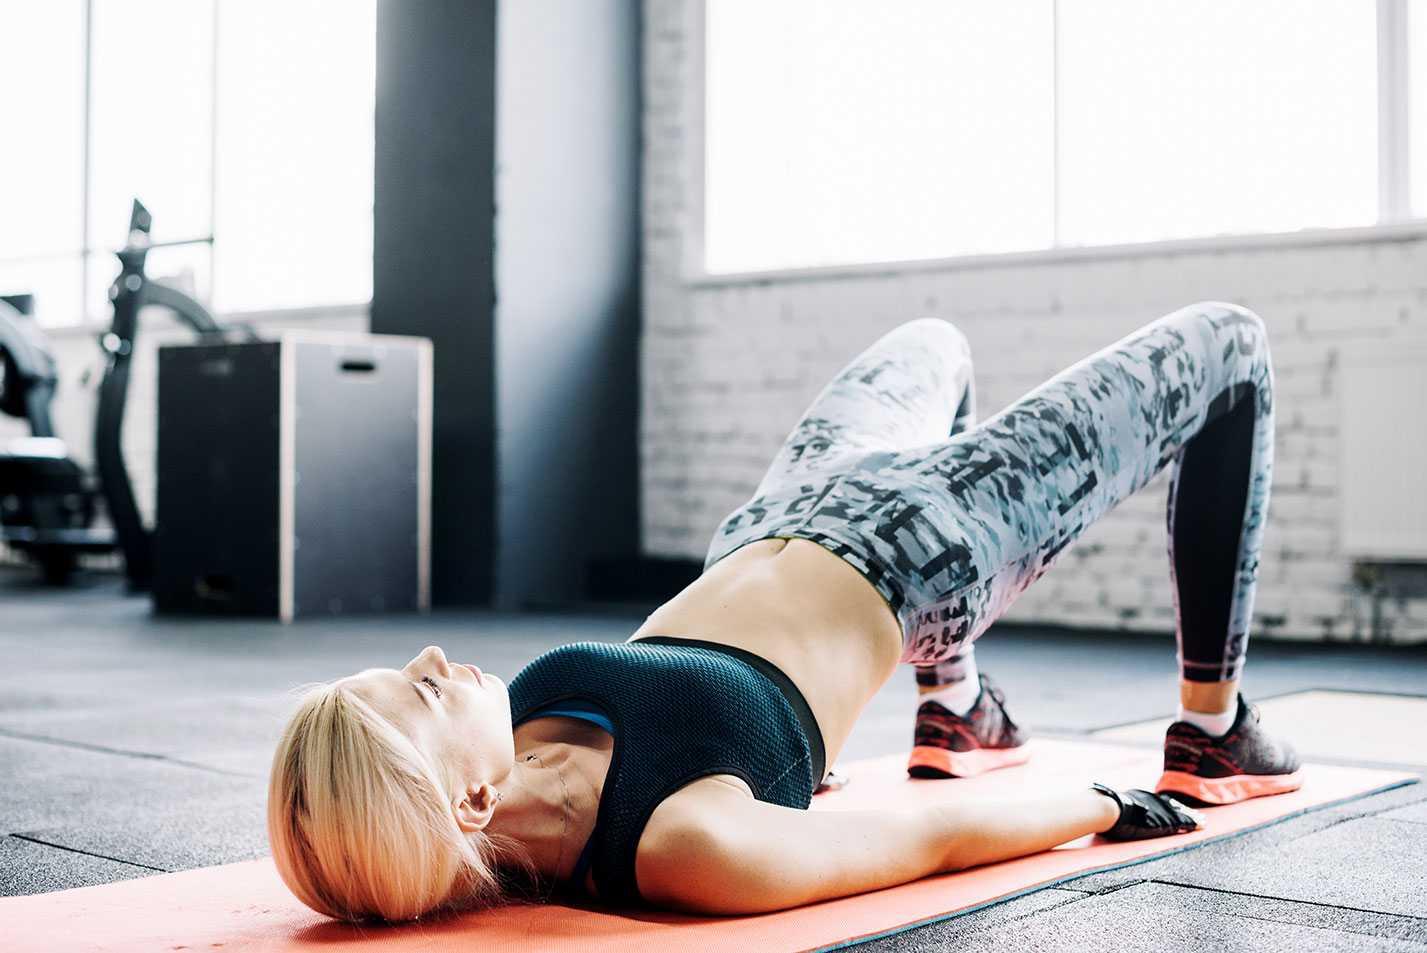 Тренировка для похудения в бедрах: 10 упражнений (ФОТО)